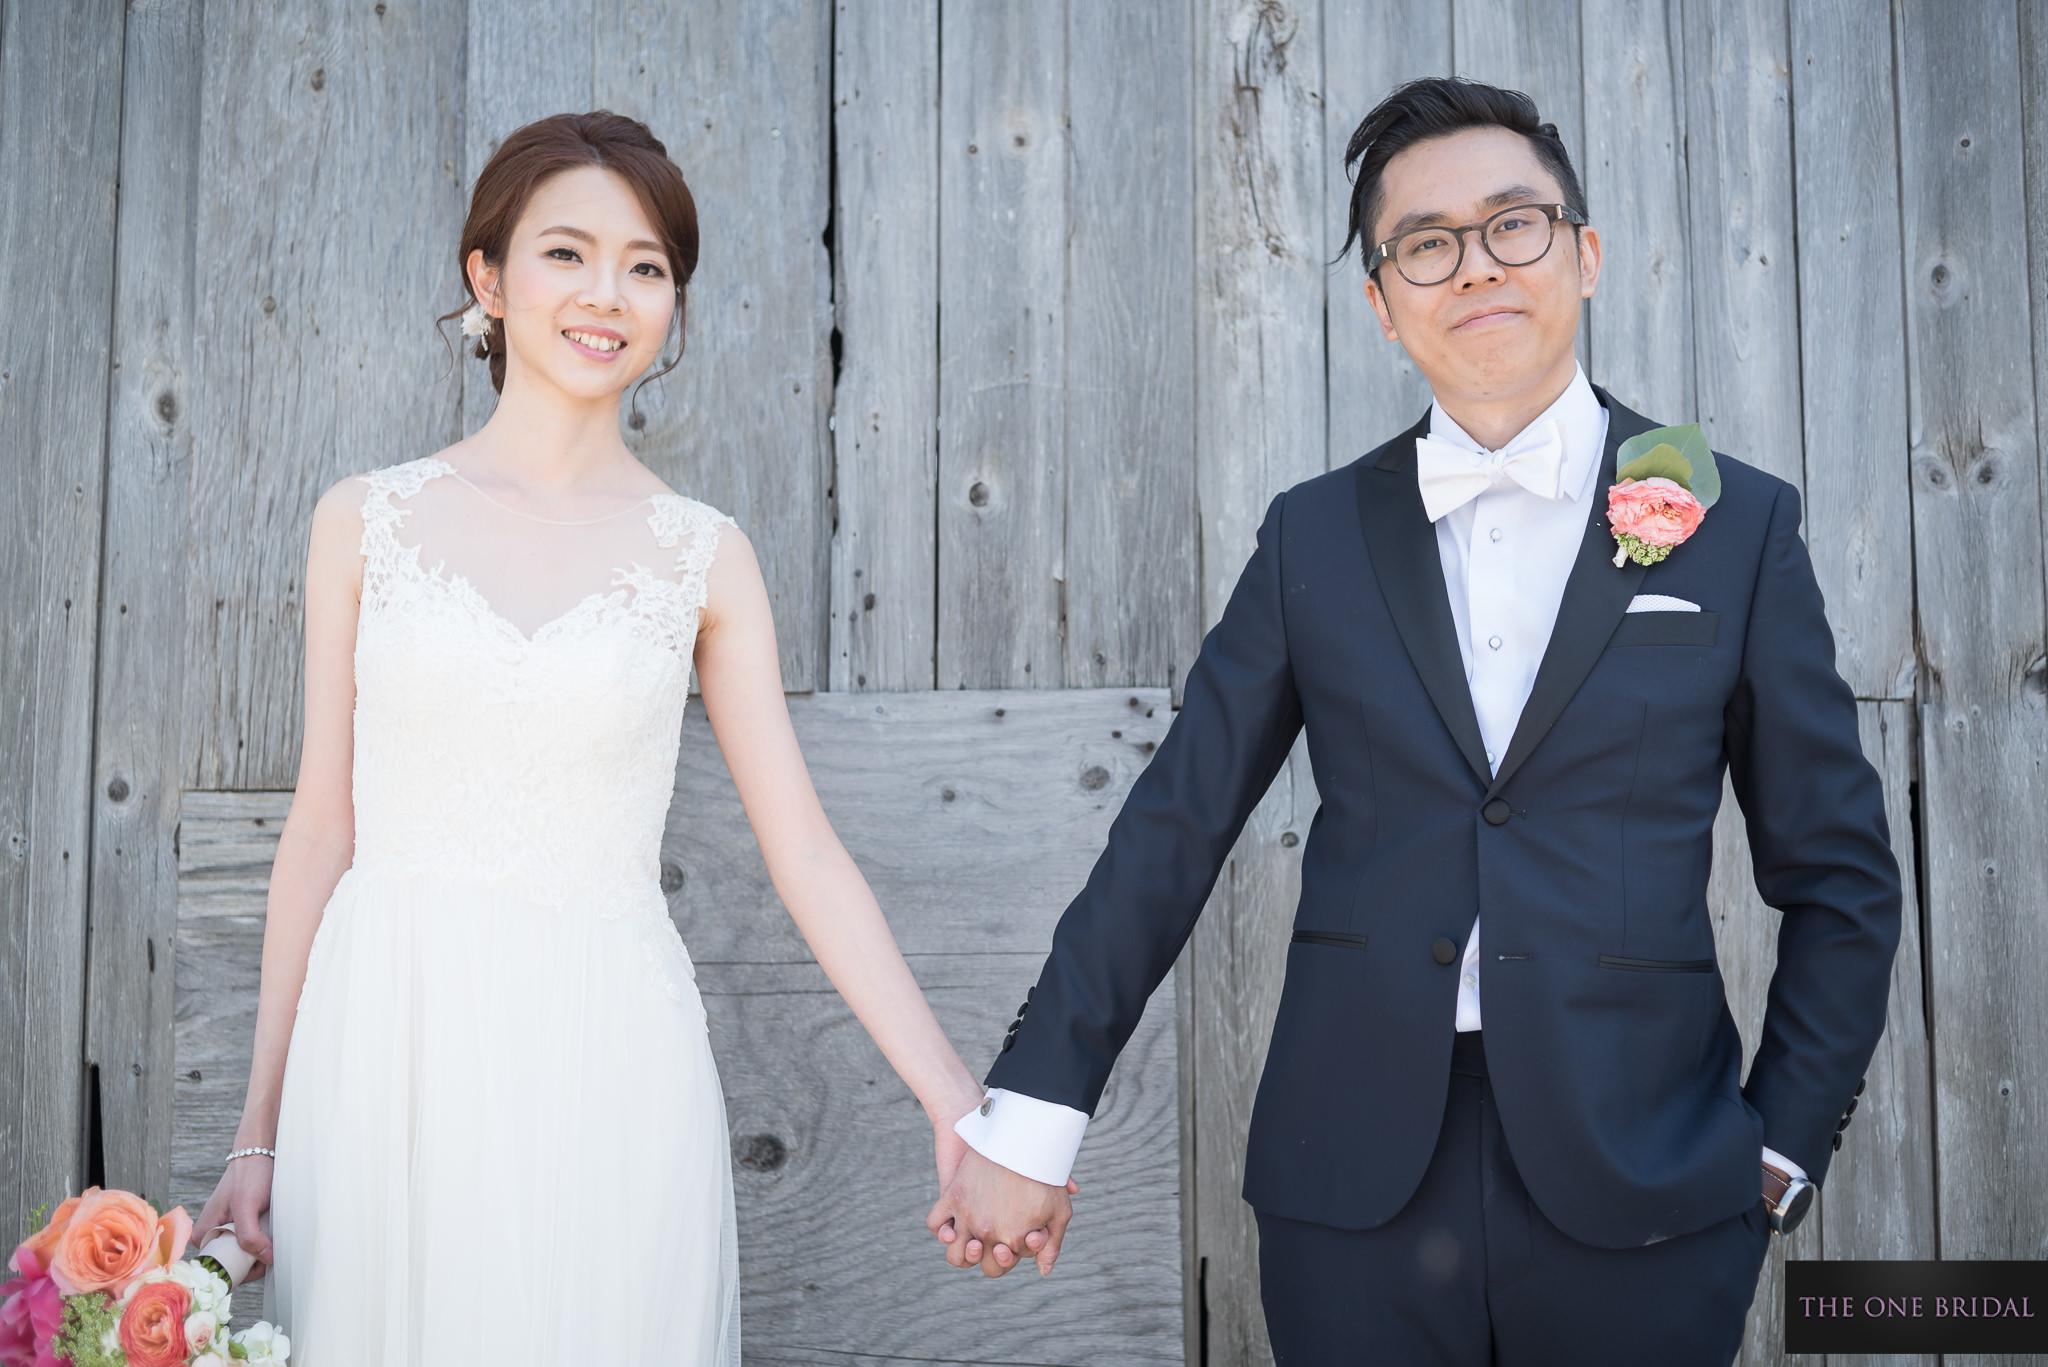 mandarin-golf-club-wedding-markham-the-one-bridal-090